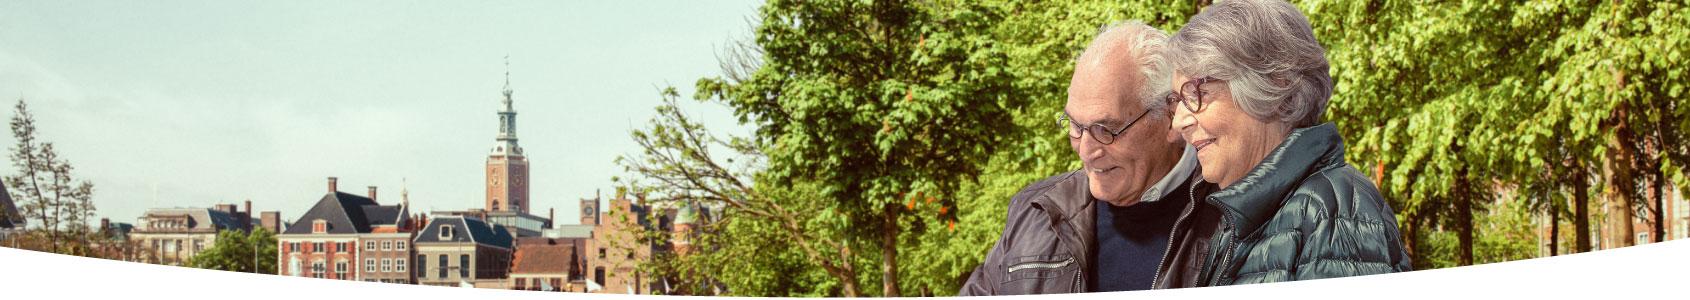 Ouder koppel bij de Hofvijver in Den Haag